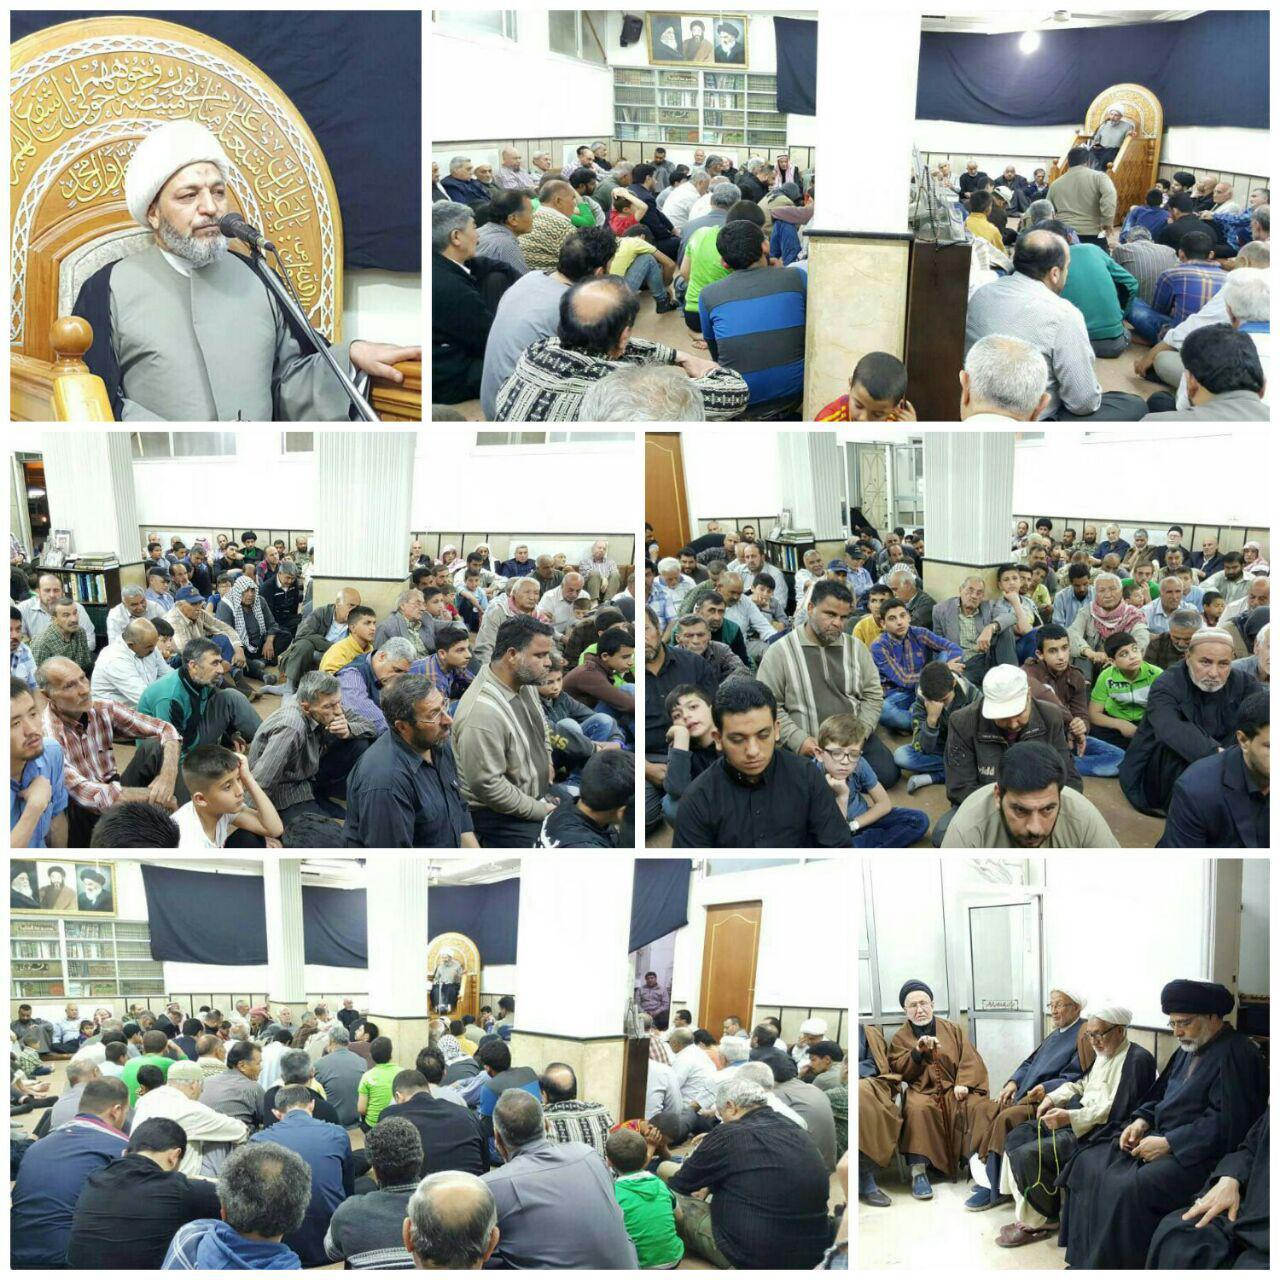 صورة مكتب المرجع الشيرازي في سوريا يحيي ذكرى استشهاد الامام الكاظم عليه السلام